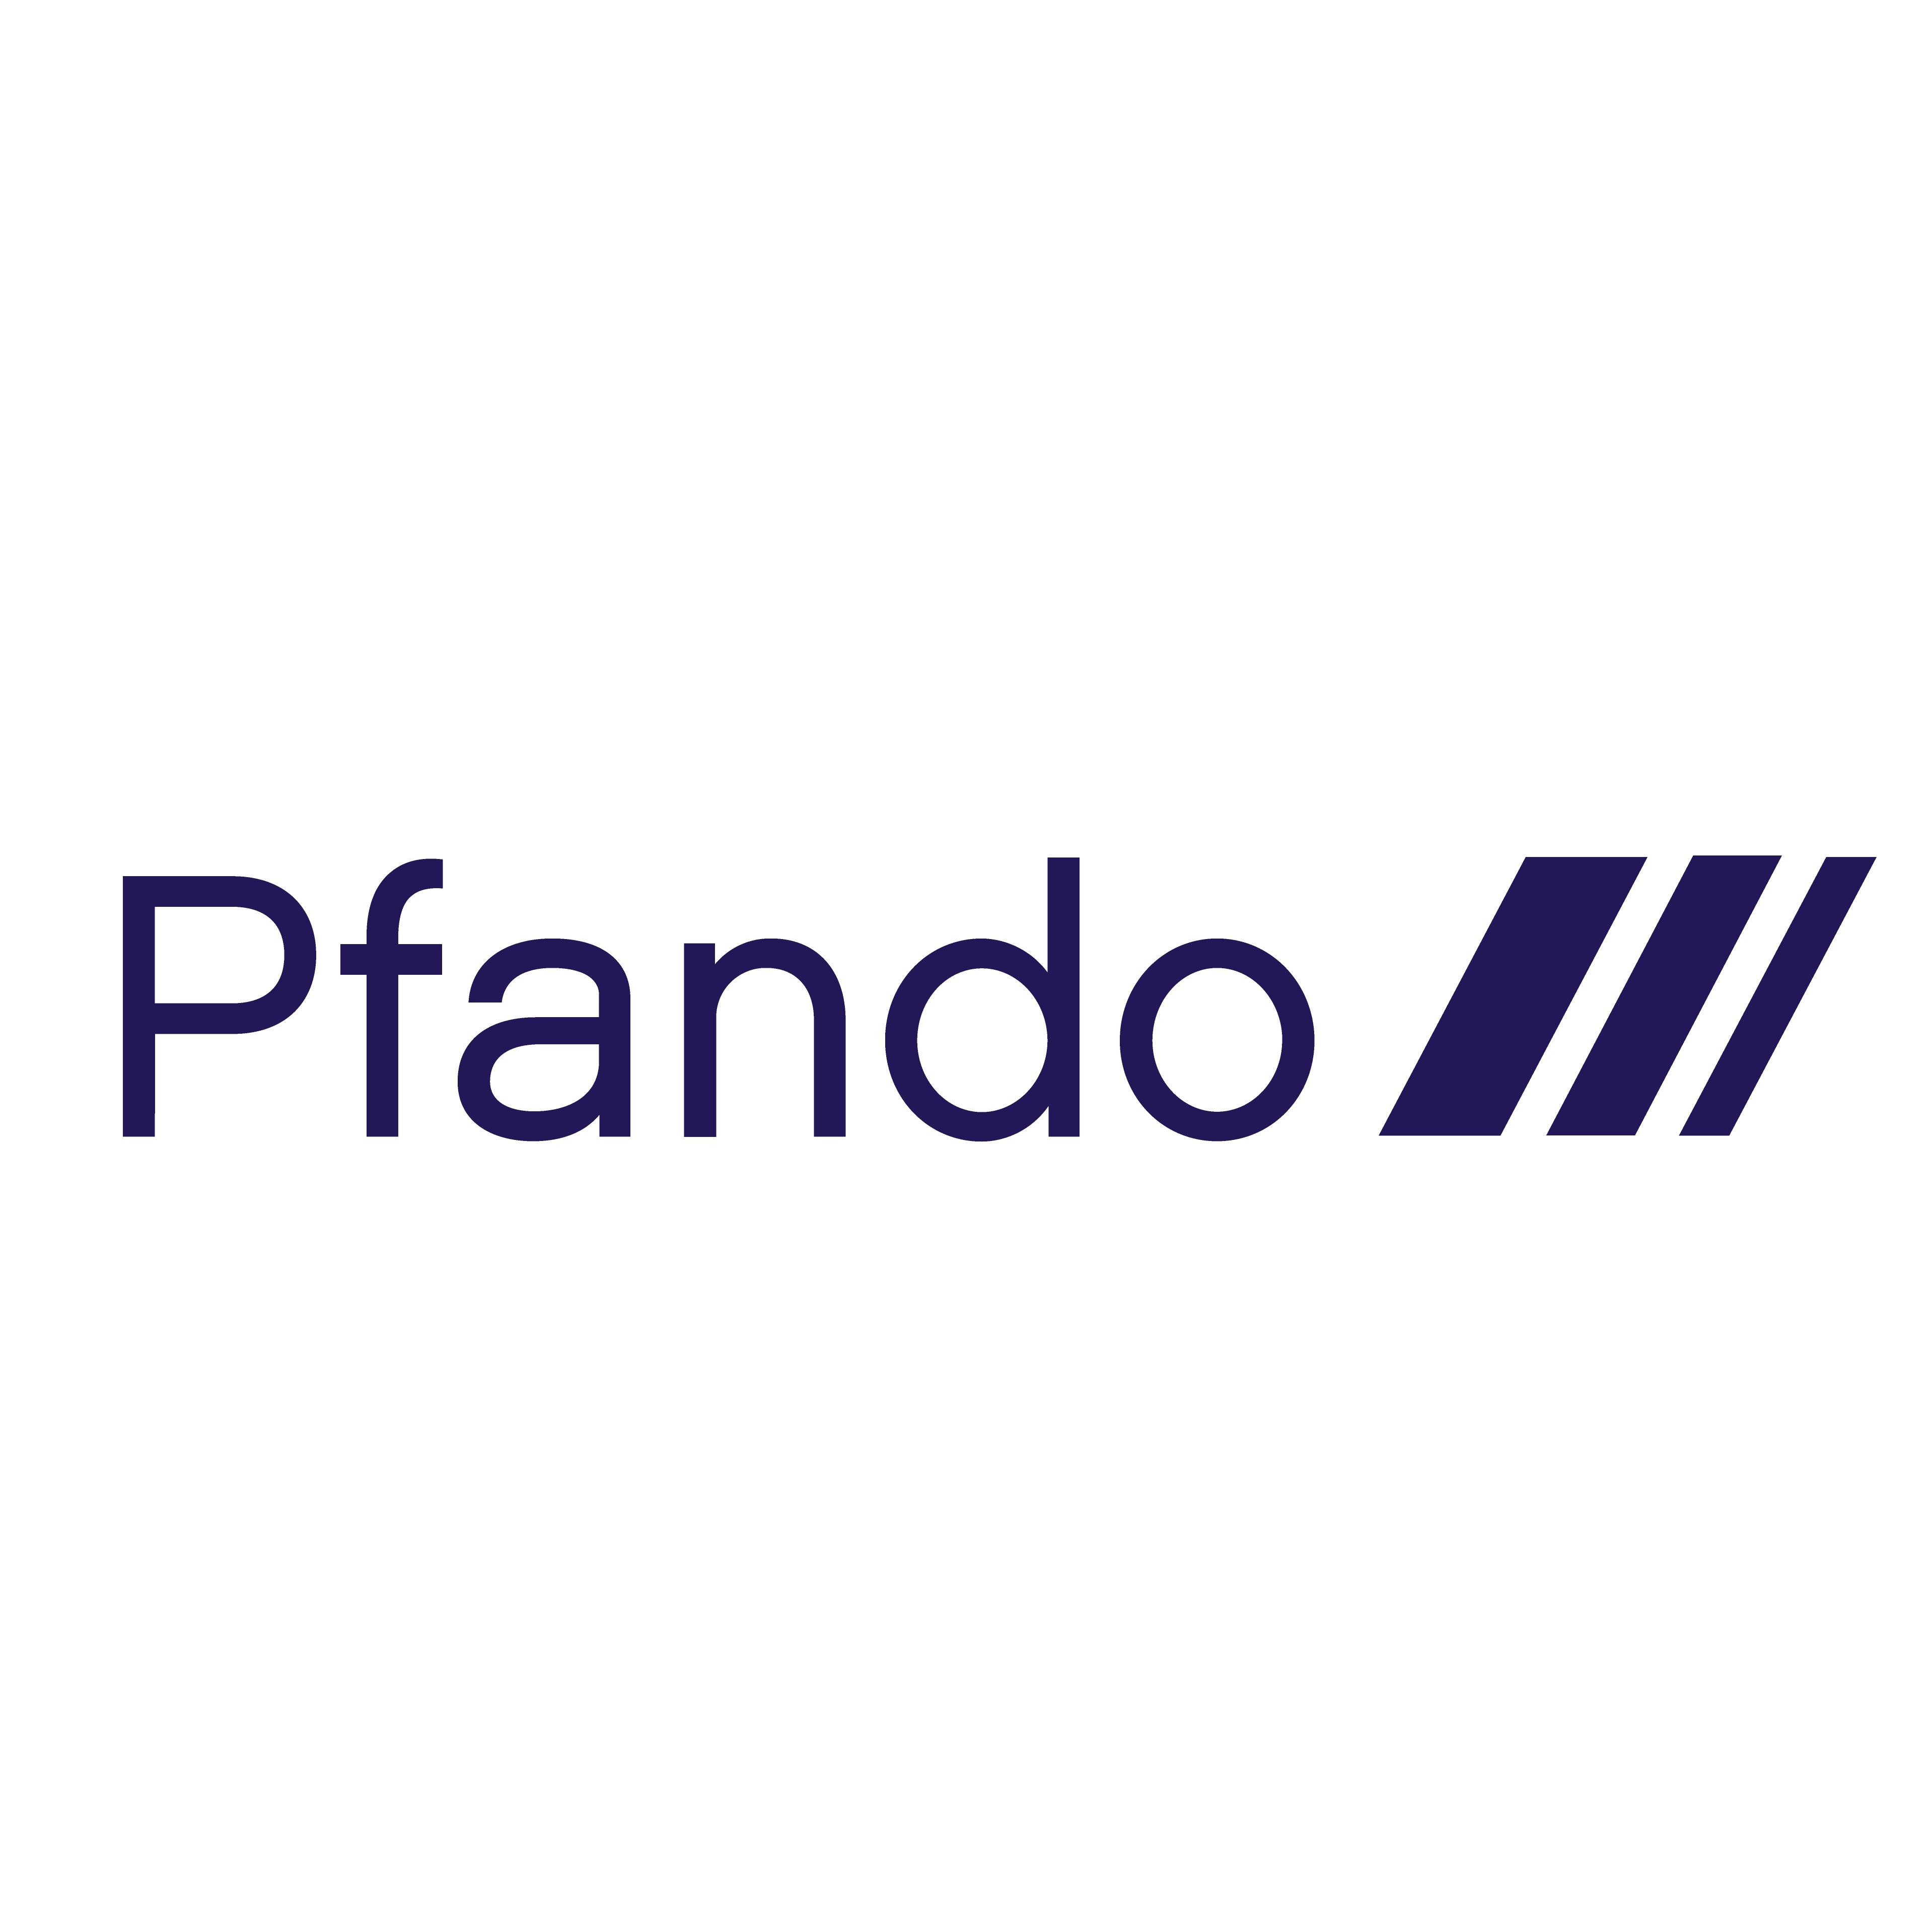 Bild zu Pfando - Kfz-Pfandleihhaus Mannheim in Mannheim